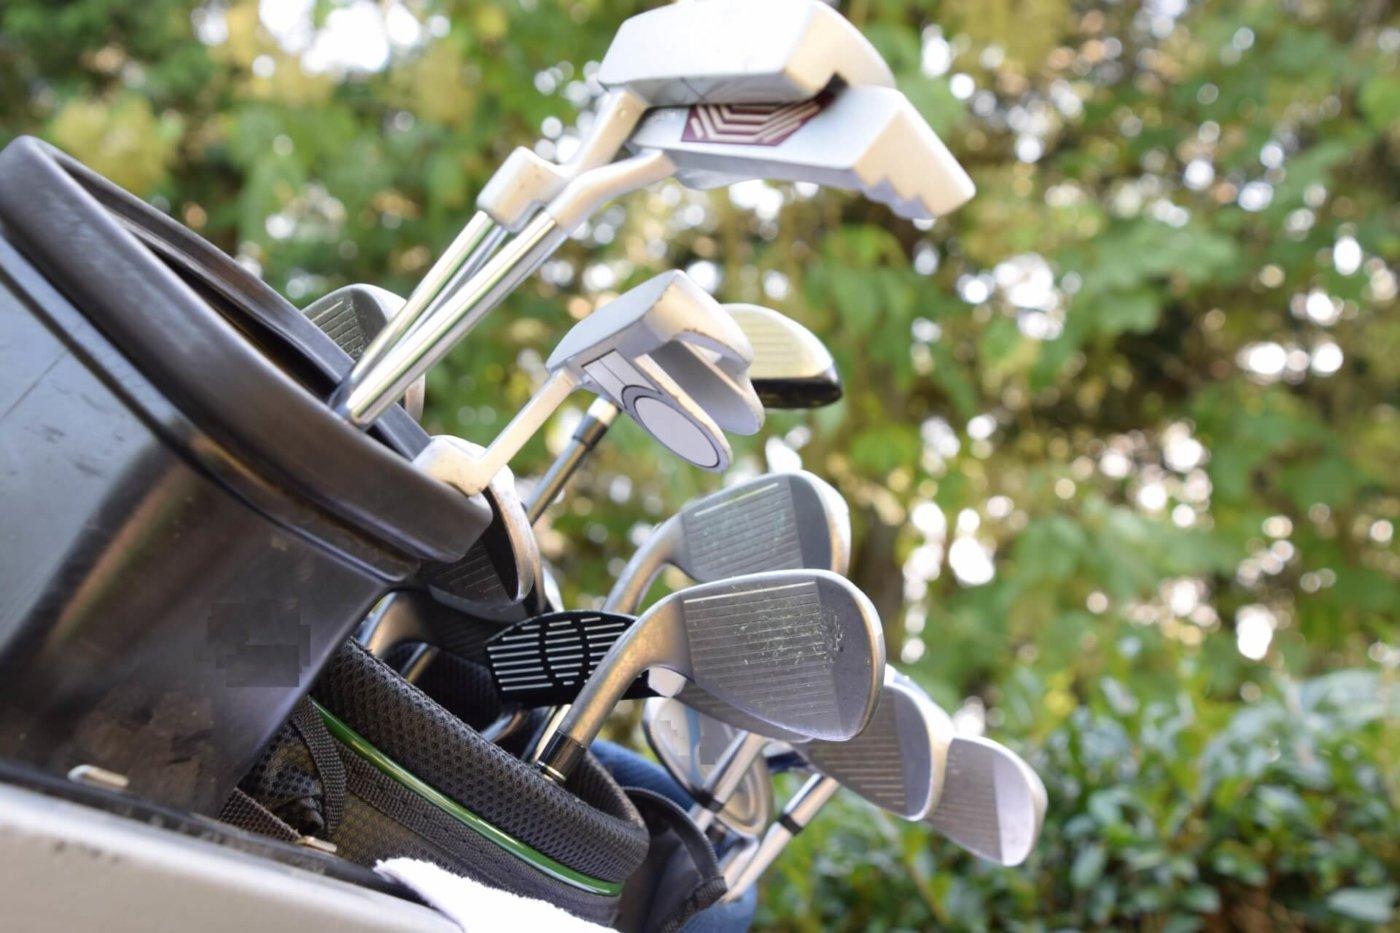 ゴルフ上達の鍵!?ゴルフクラブのベストな「本数と選び方」とは?